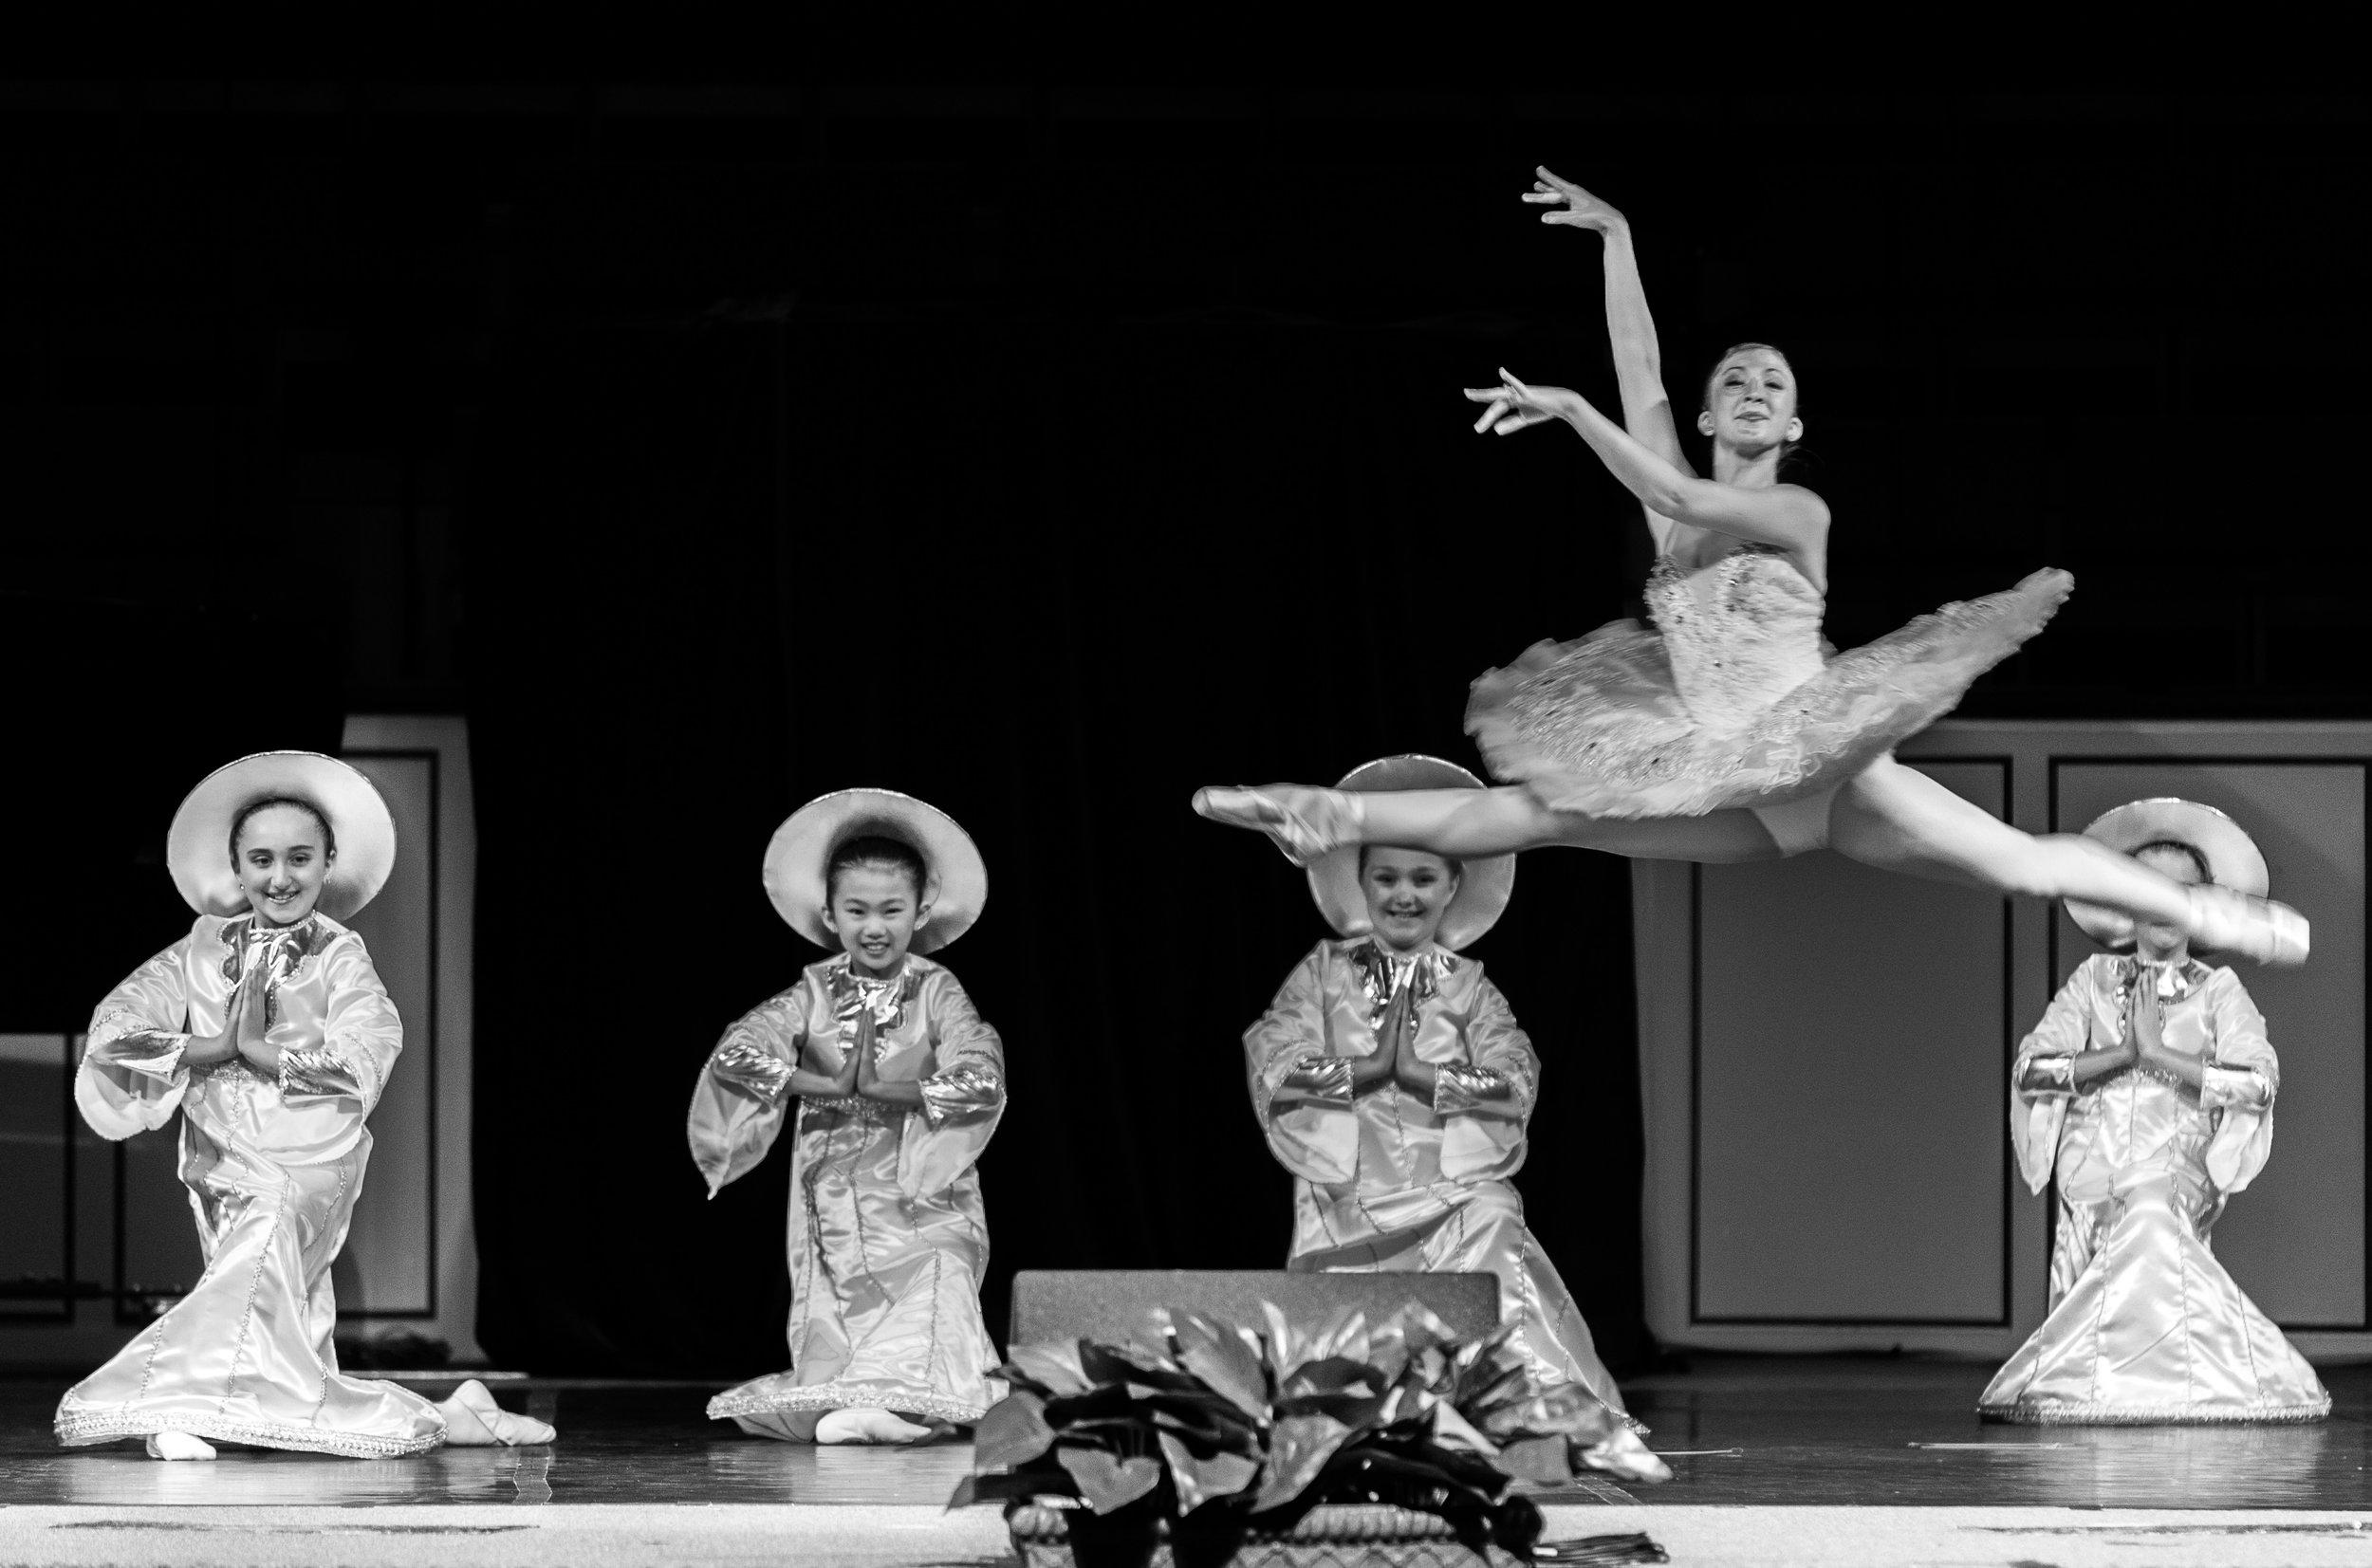 Ballet_111915_5DM3_5121.jpg